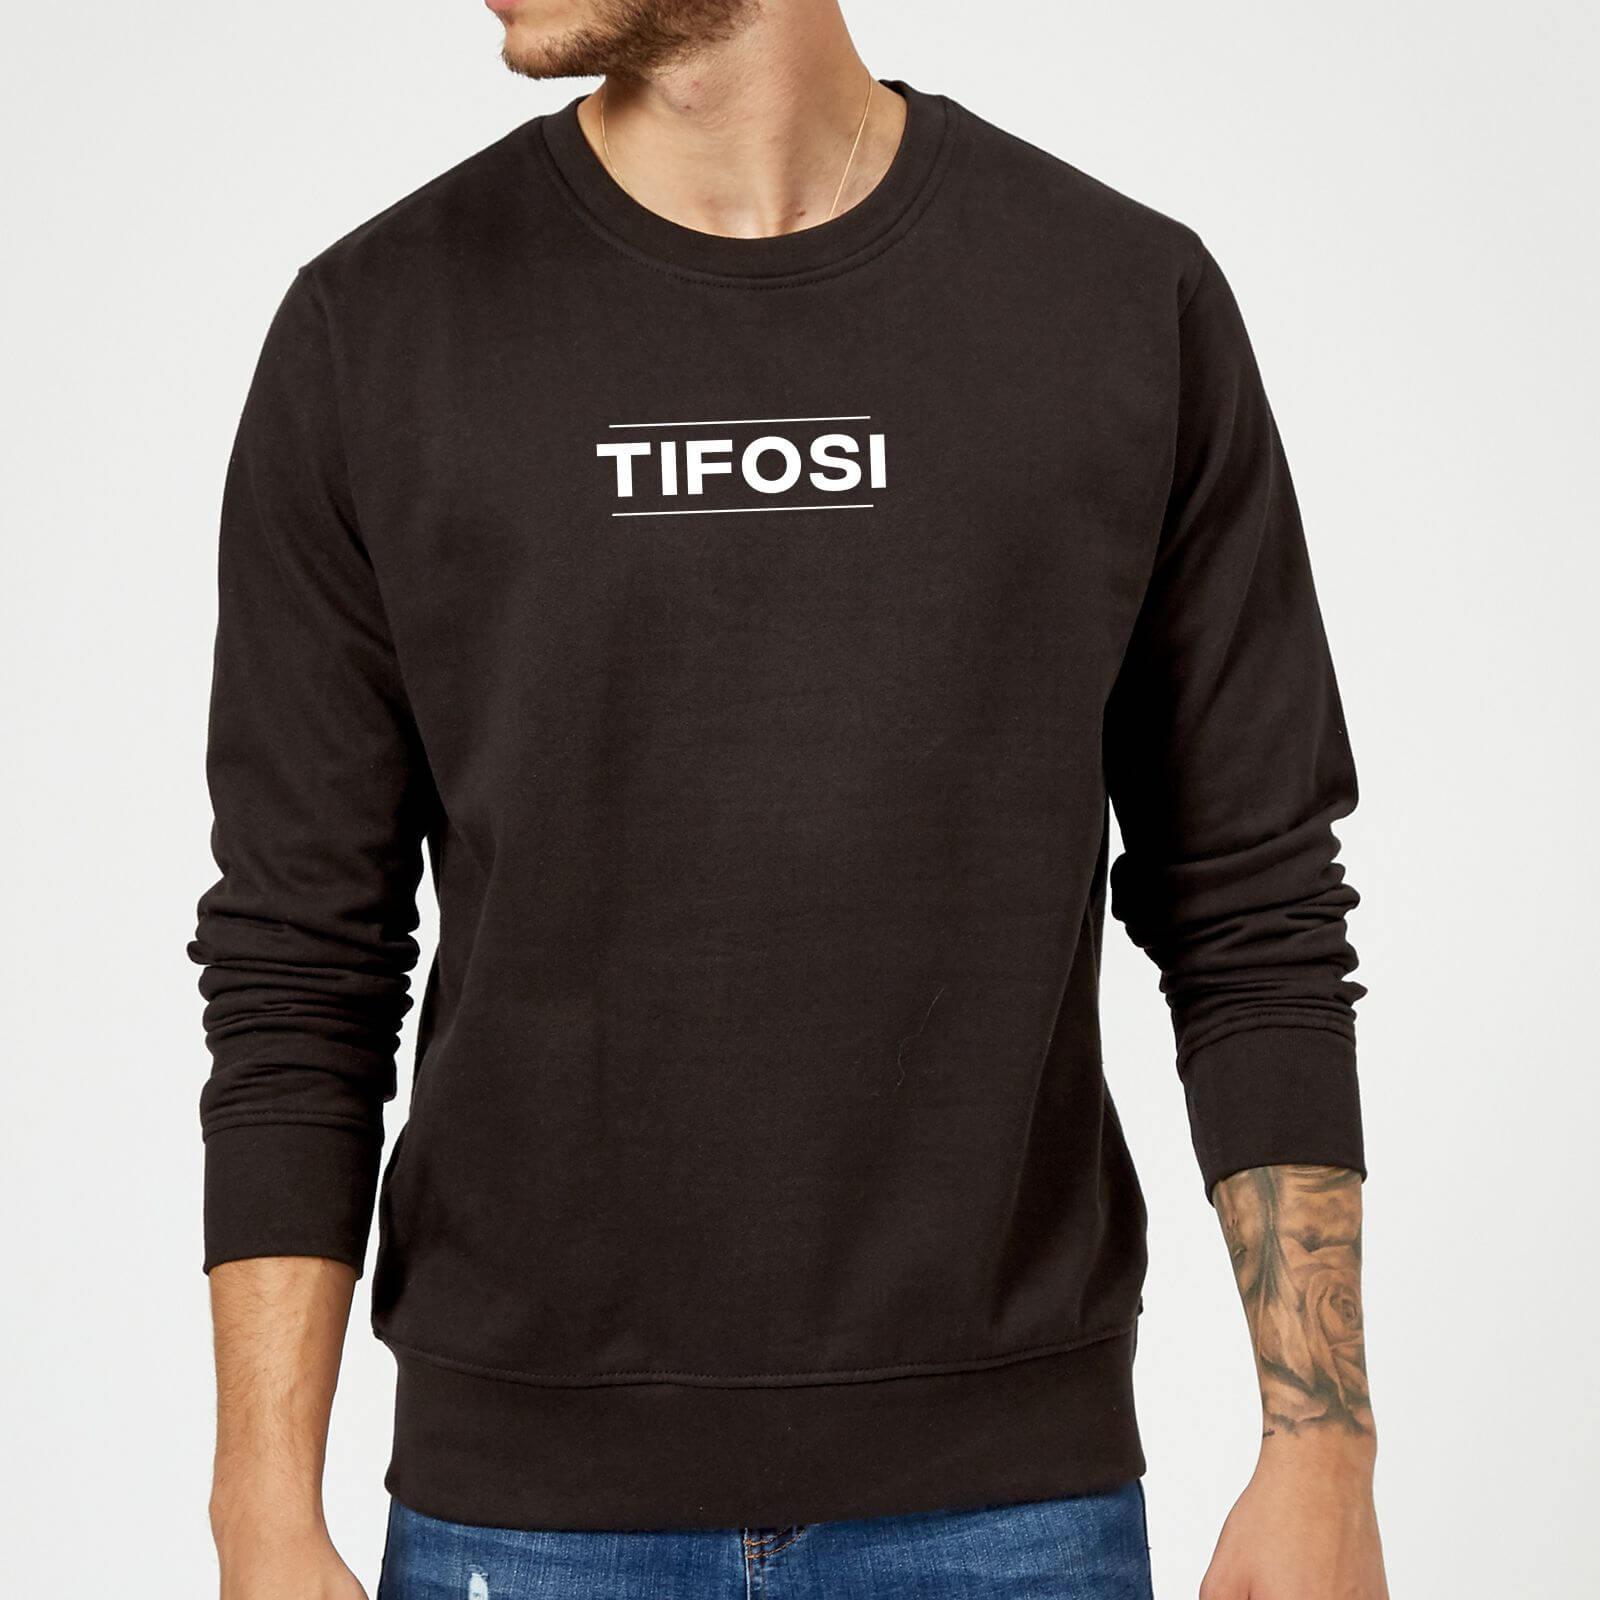 Tifosi Sweatshirt - L - Grey